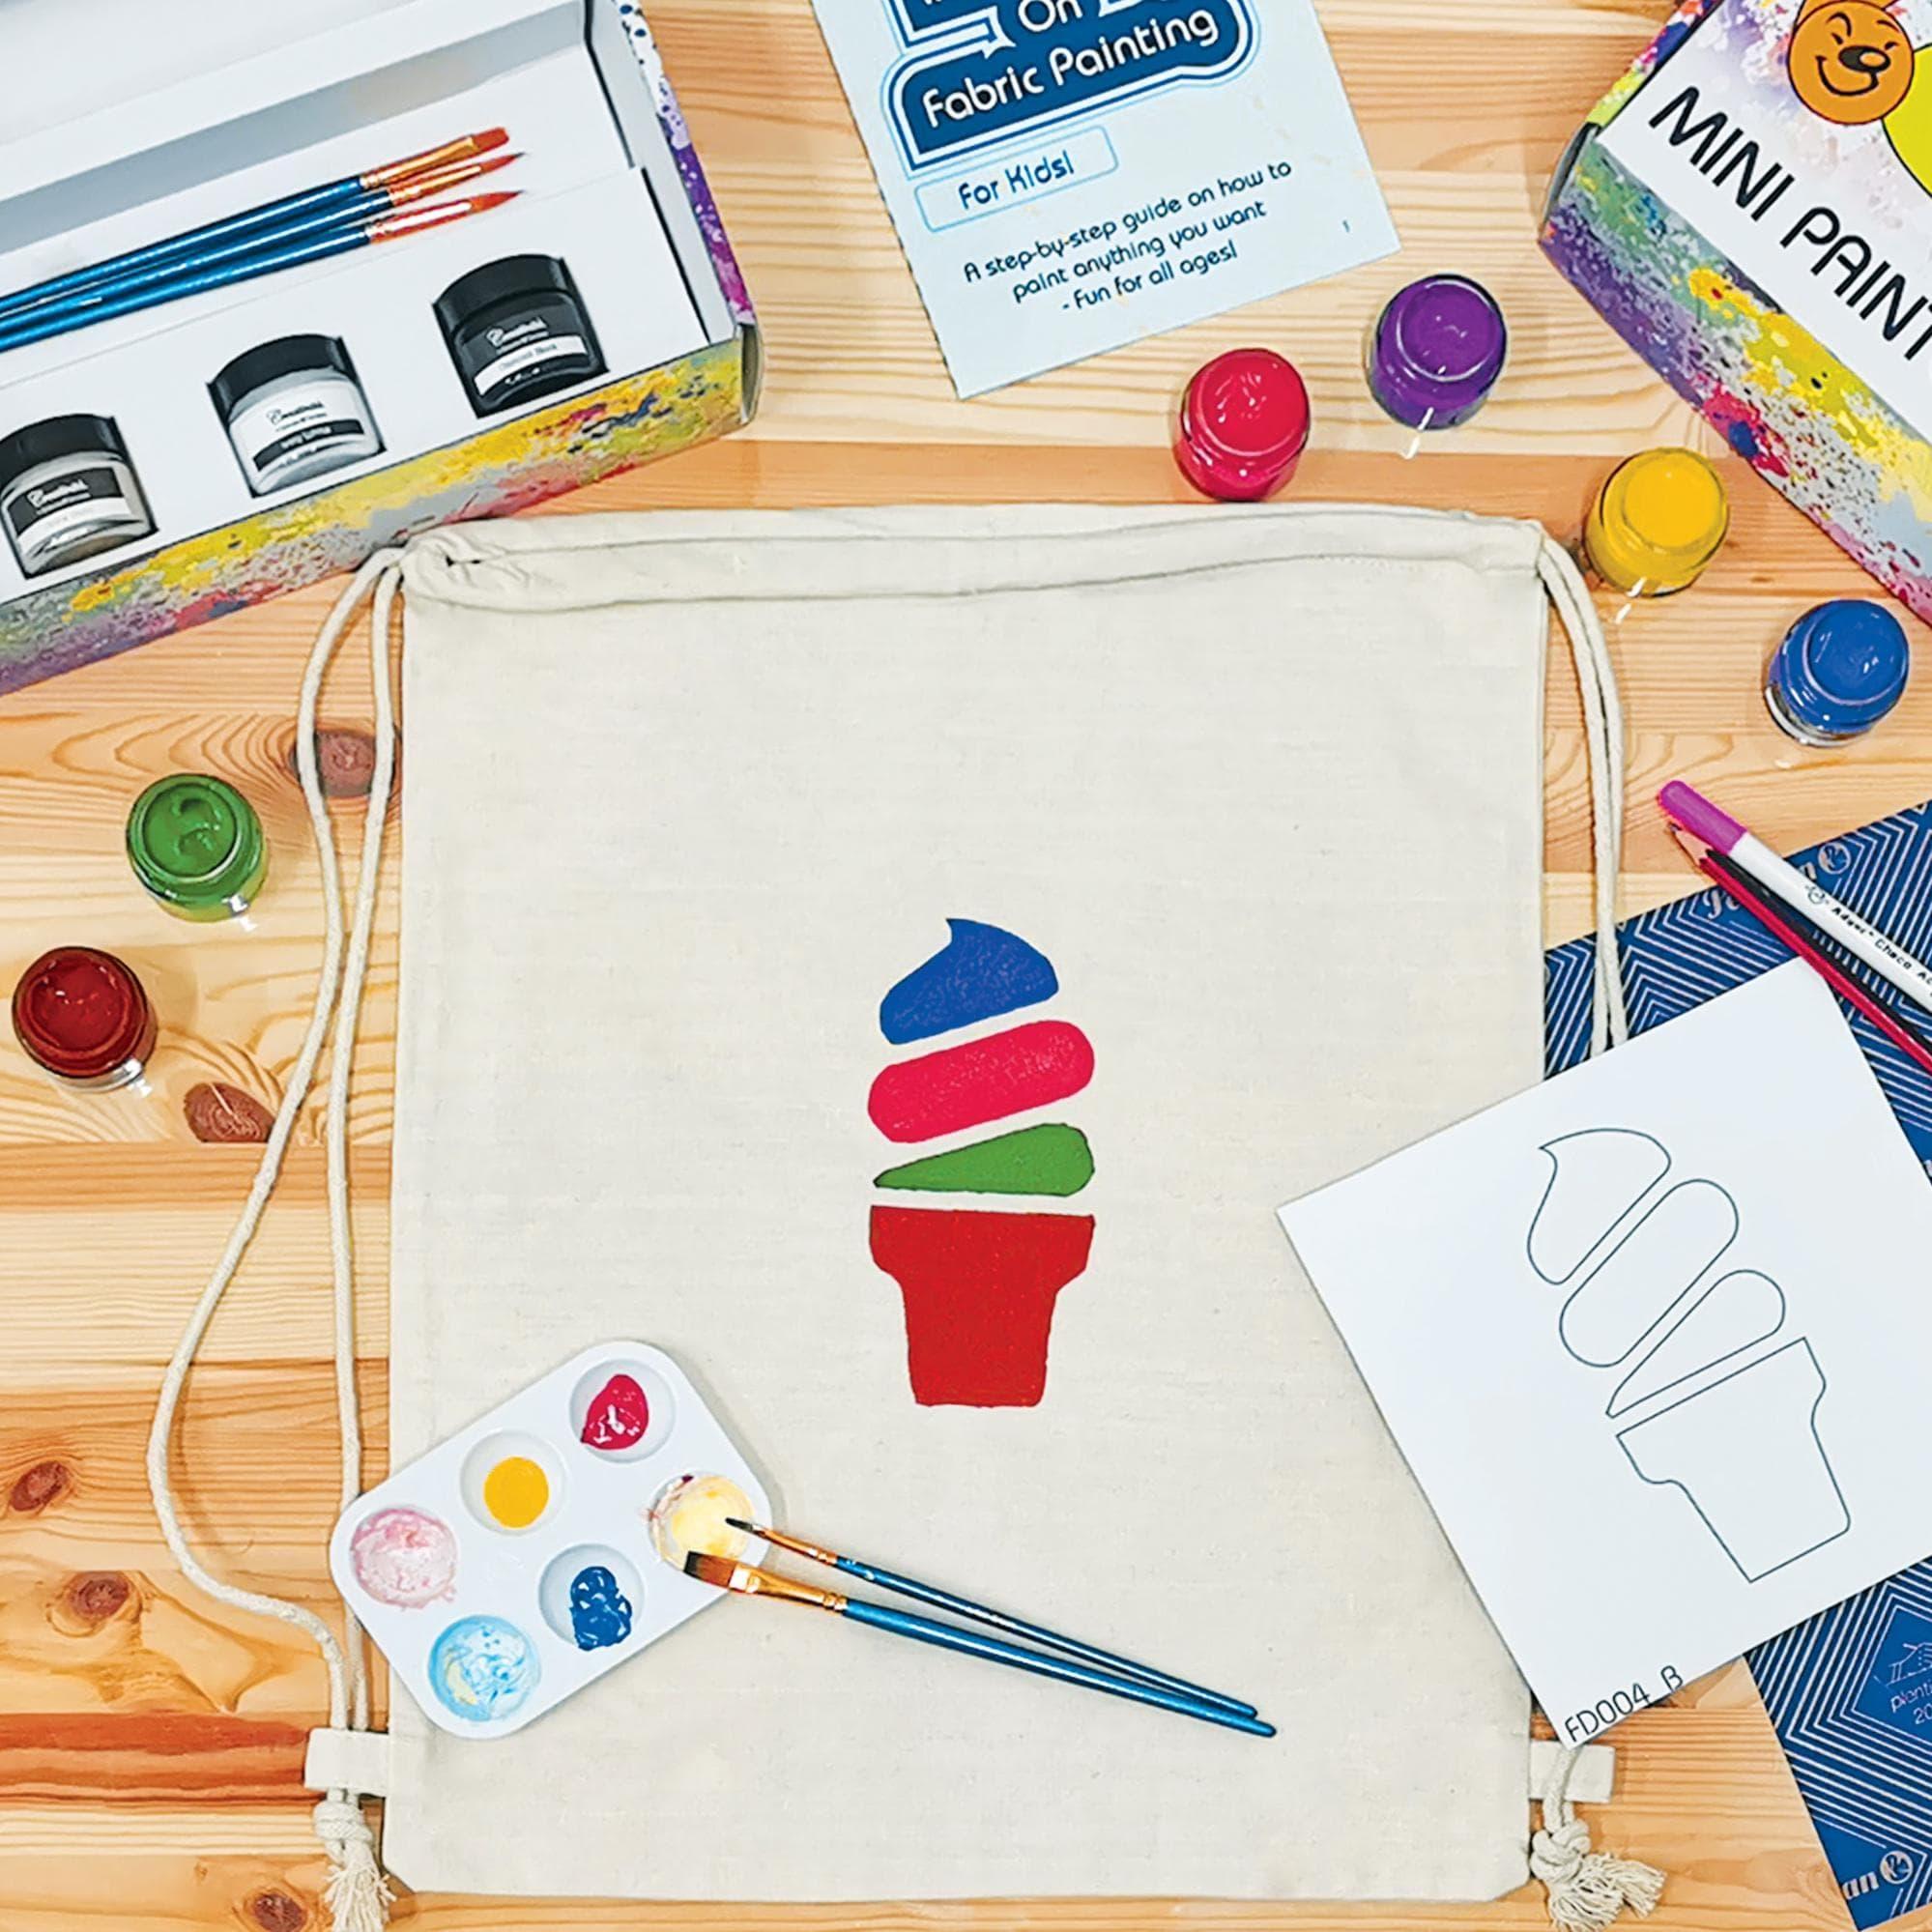 Streaks n Strokes Customised Drawstring Bag Painting